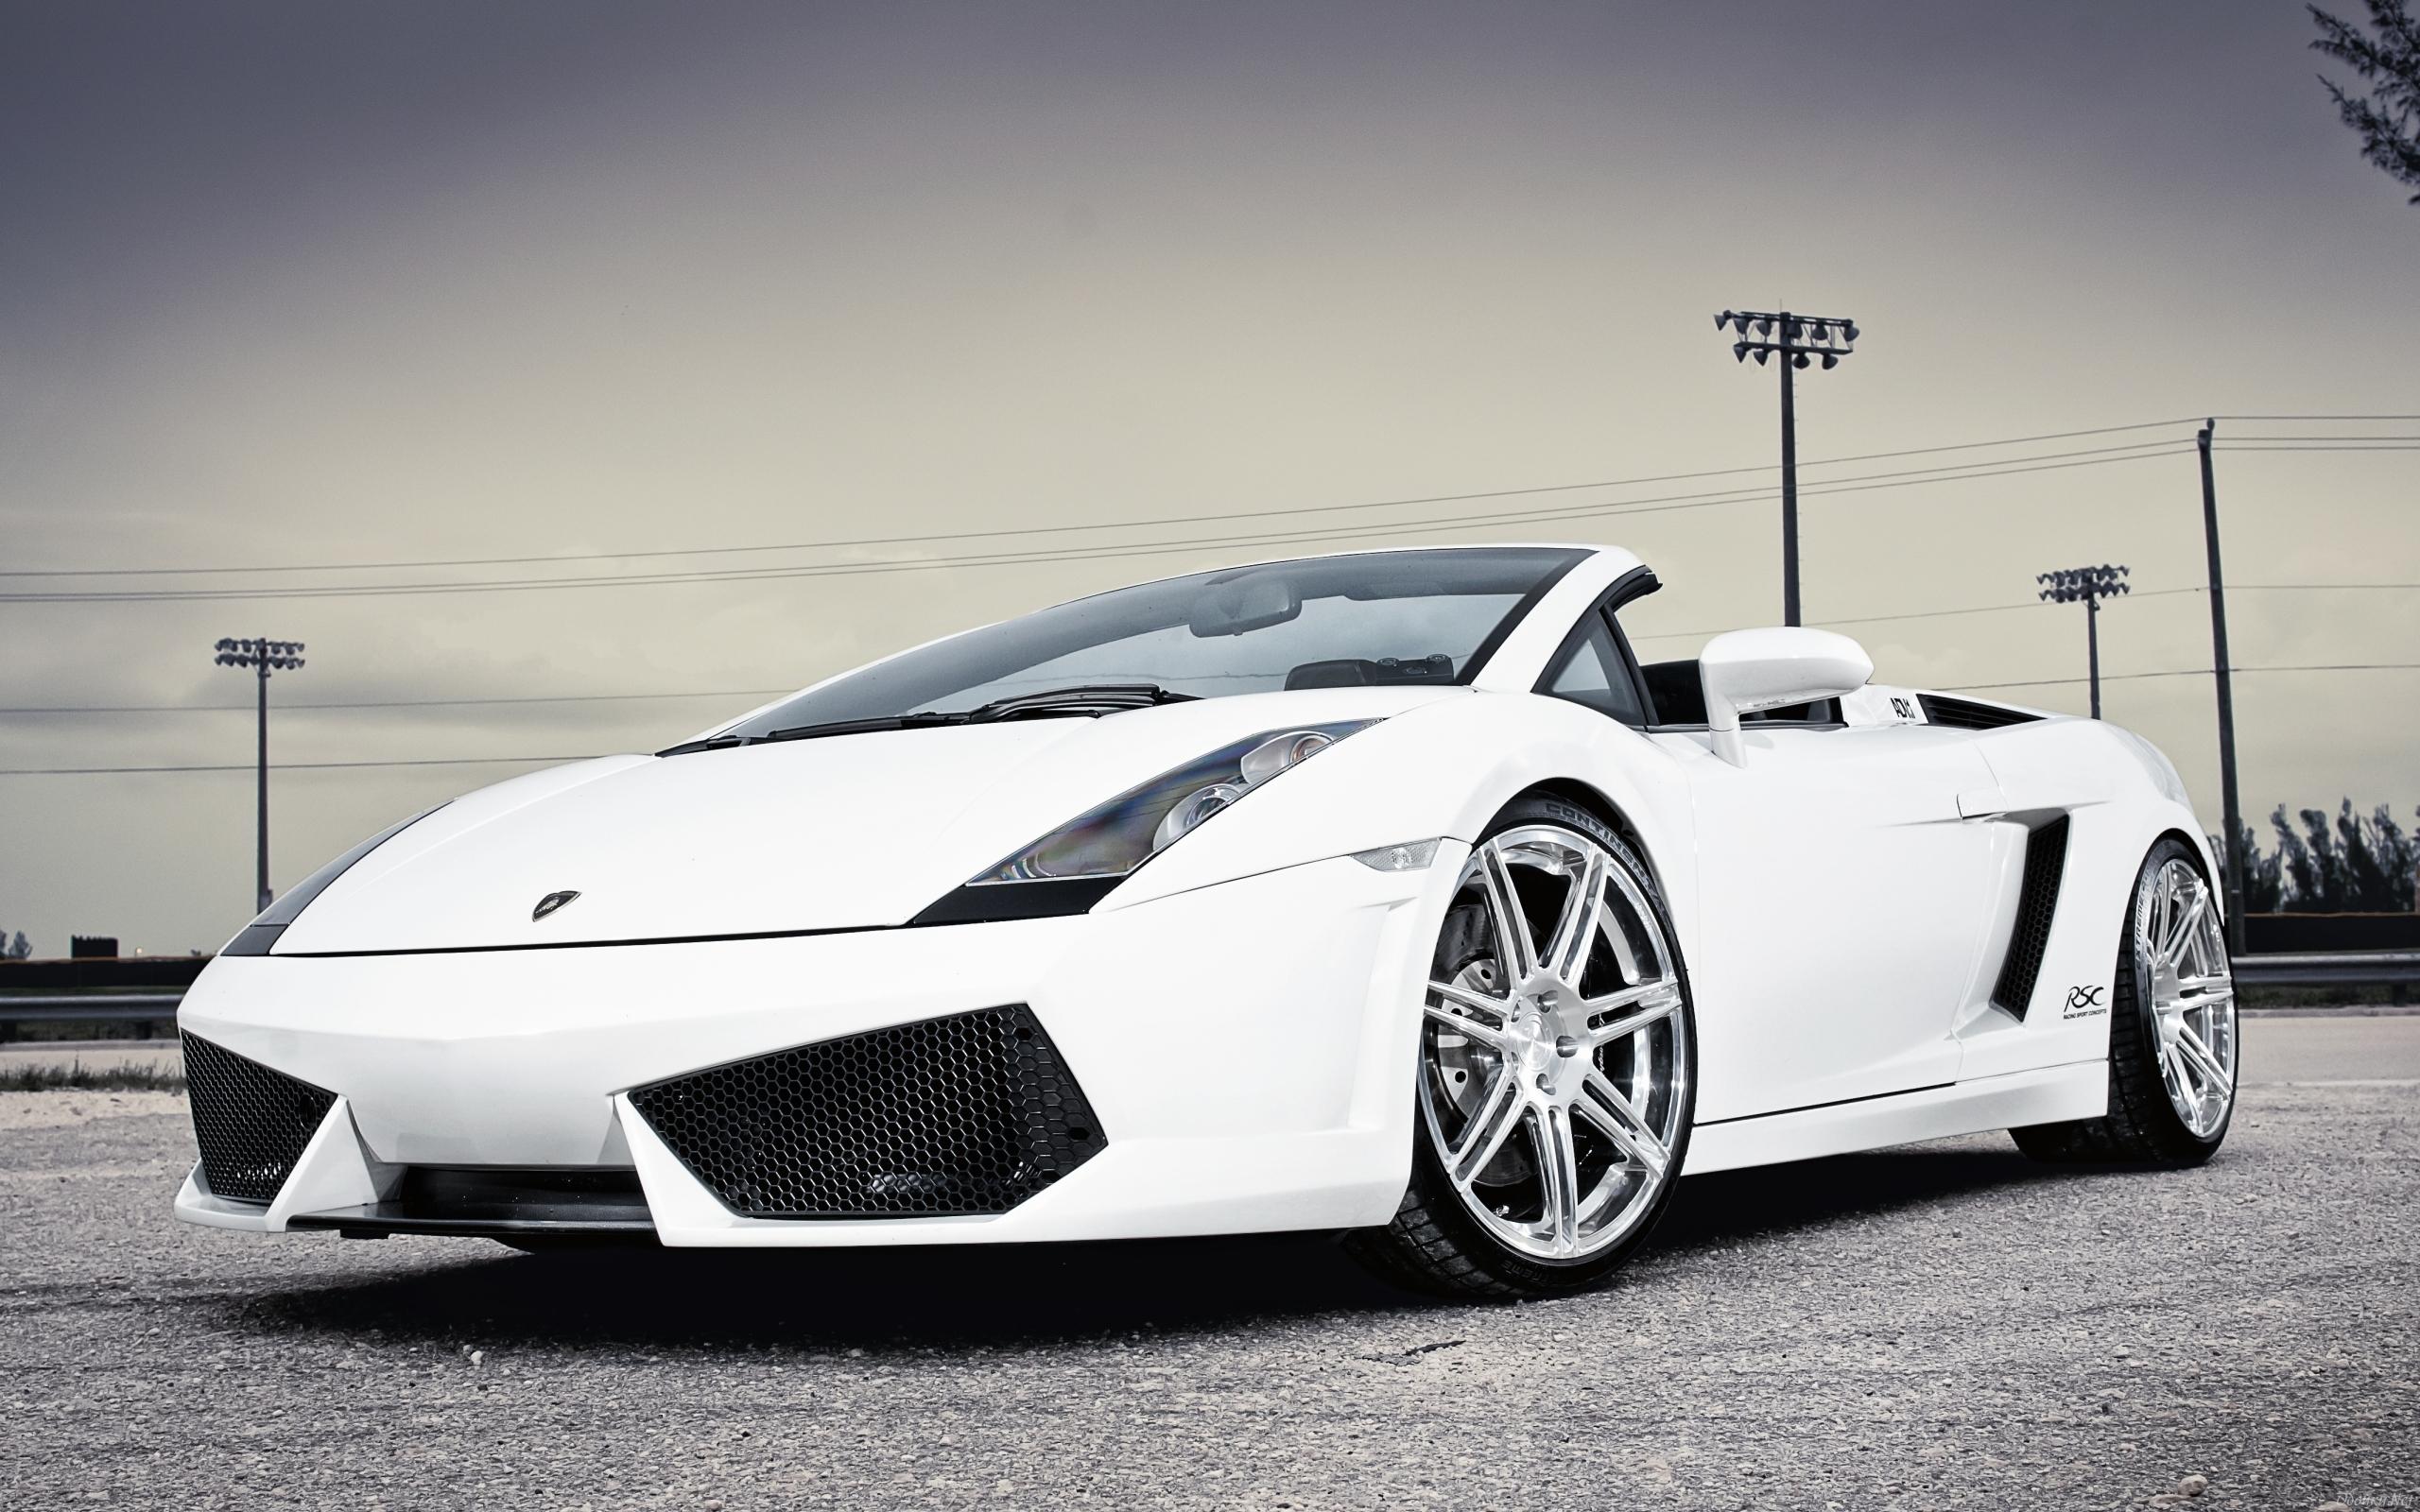 Картинка крутой автомобиль